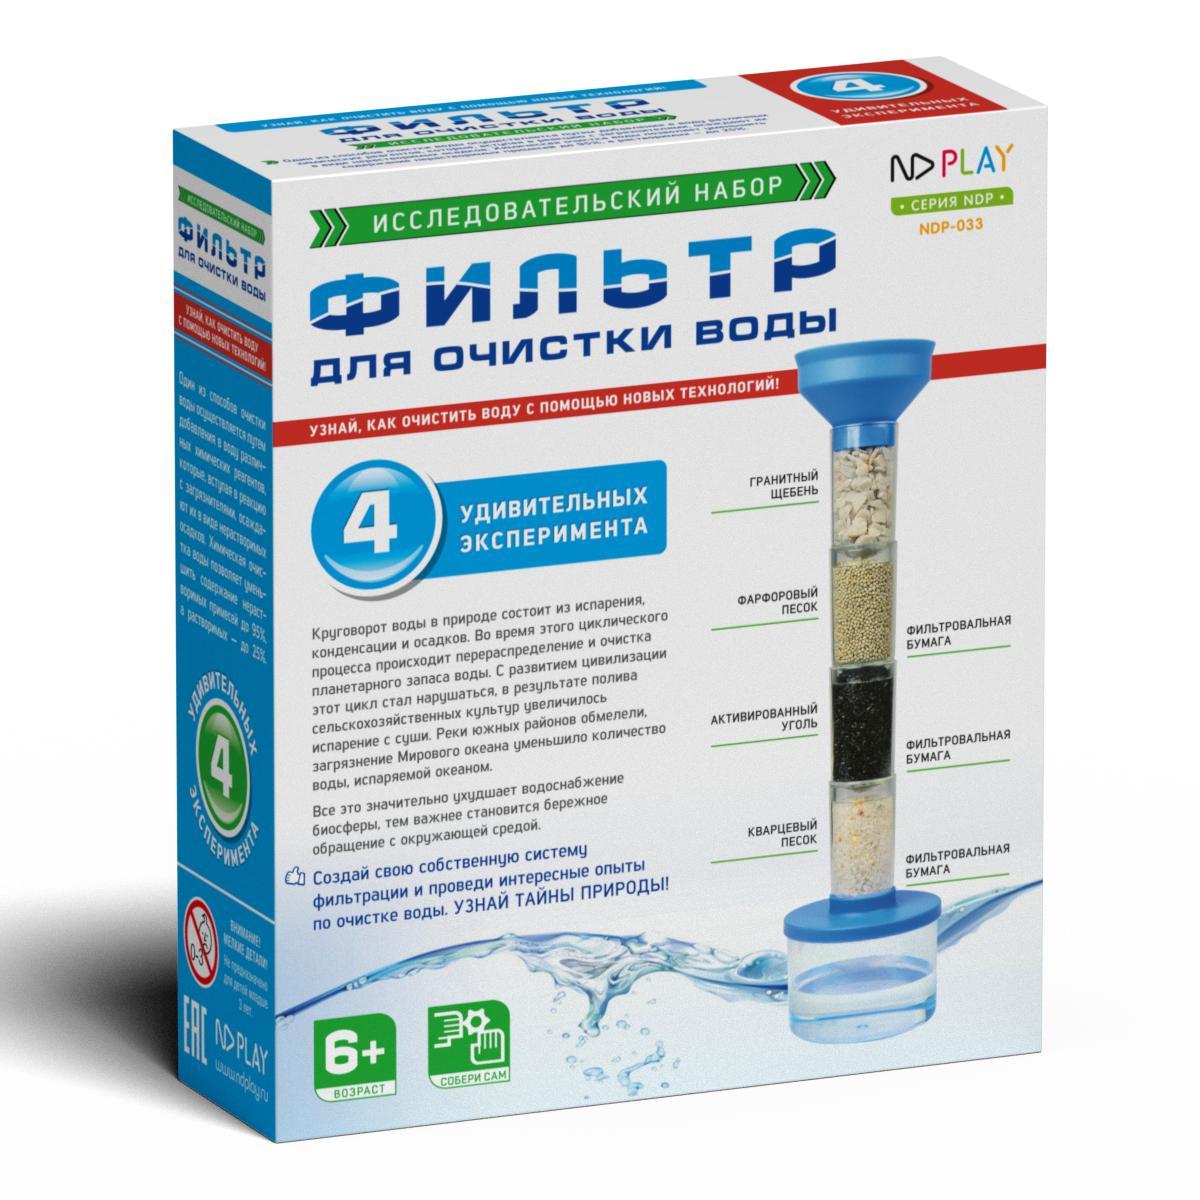 Набор для исследования Фильтр для очистки воды 4 в 1